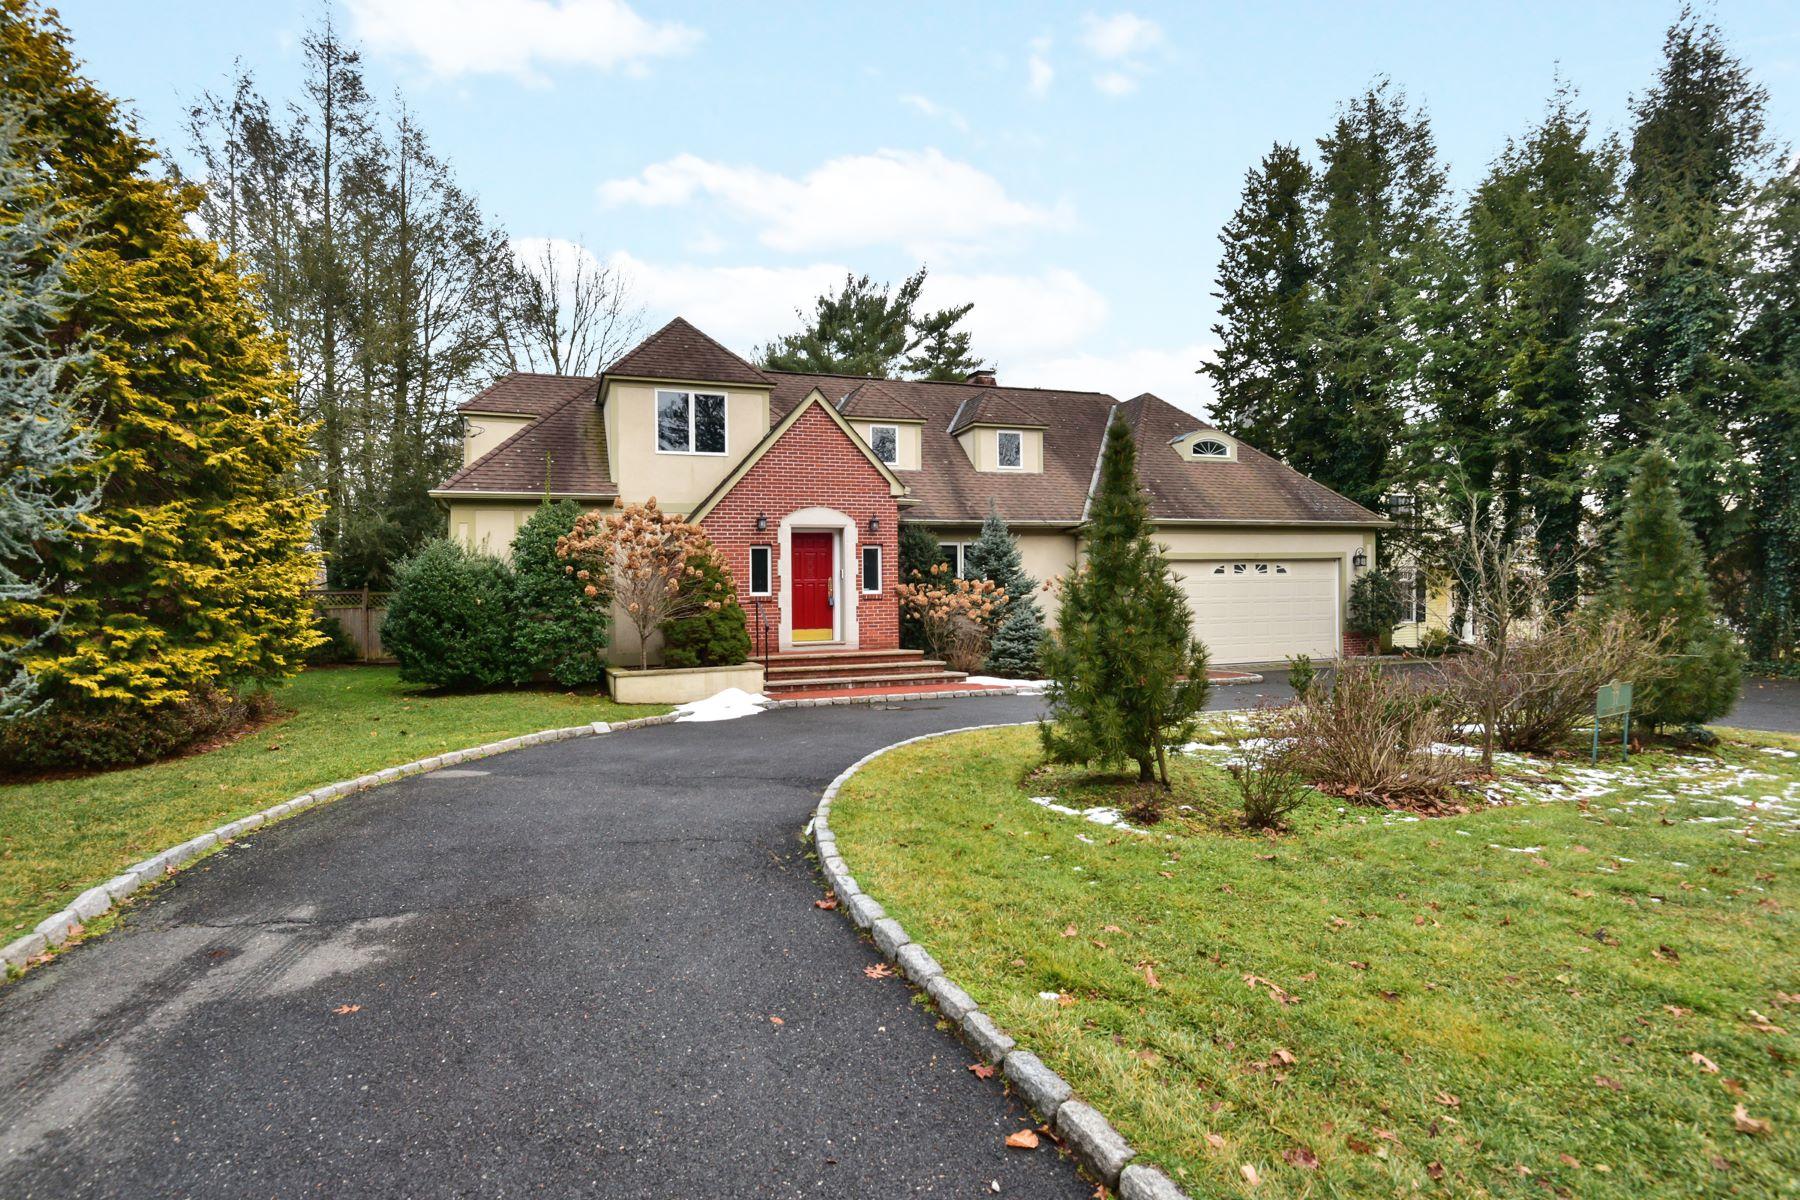 独户住宅 为 销售 在 17 Summit Avenue 拉伊, 纽约州, 10580 美国